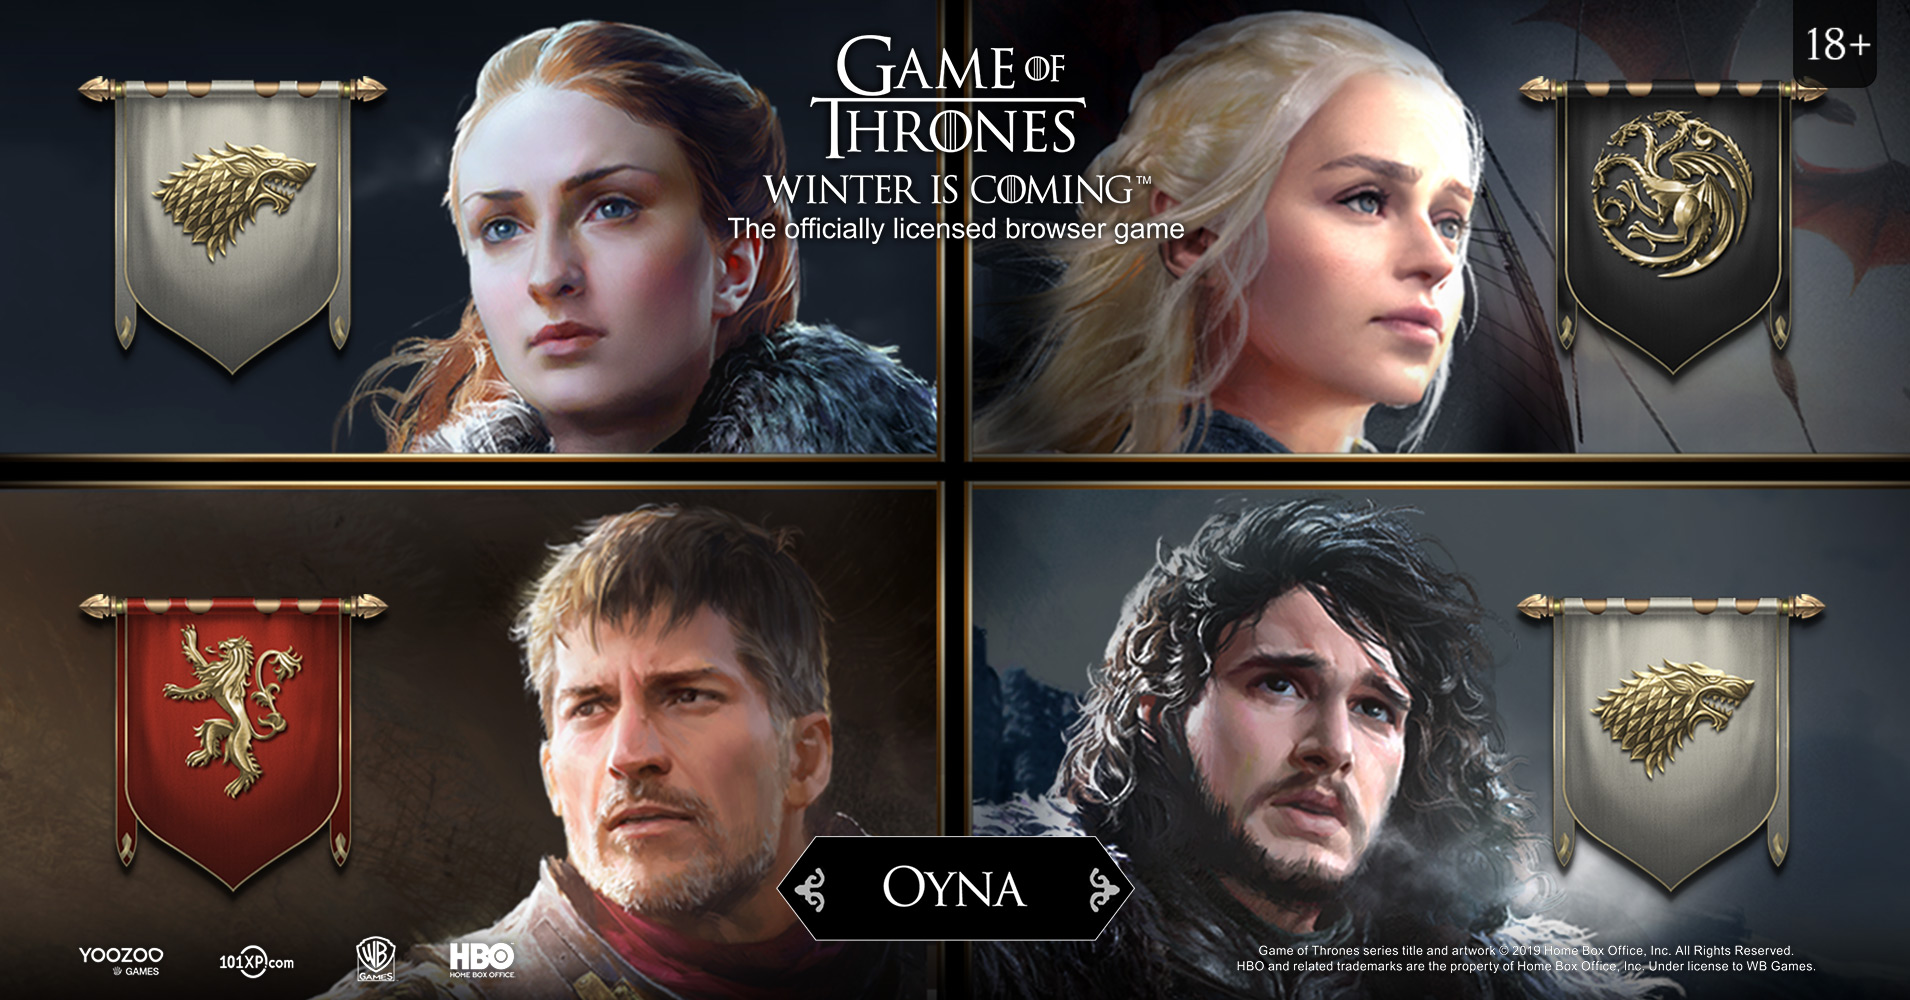 """101XP, oyuncuları """"Game of Thrones: Winter is Coming"""" dünyasına davet ediyor - Oyunpat"""